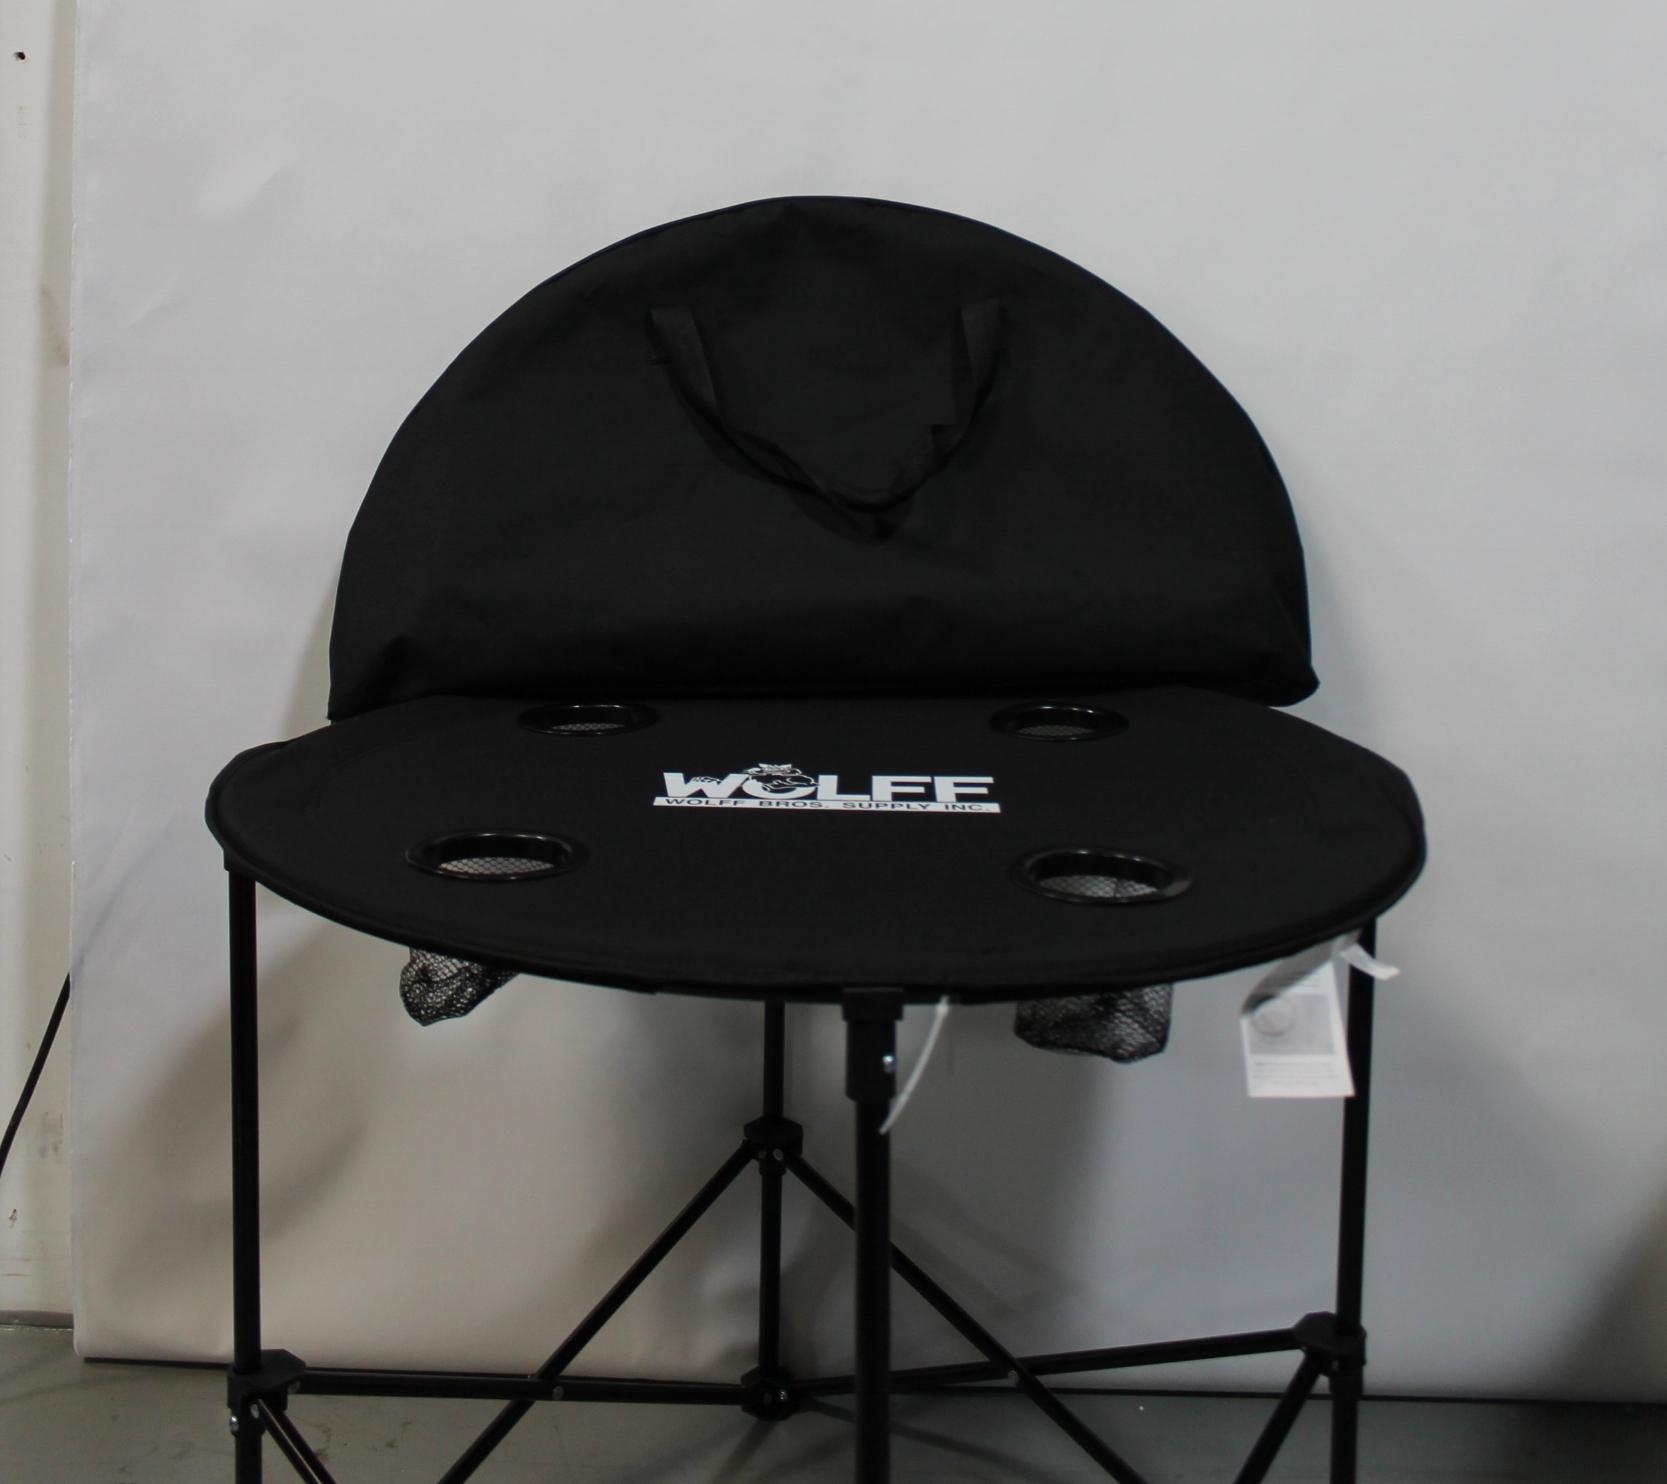 Wolff_Chair_Bag.JPG